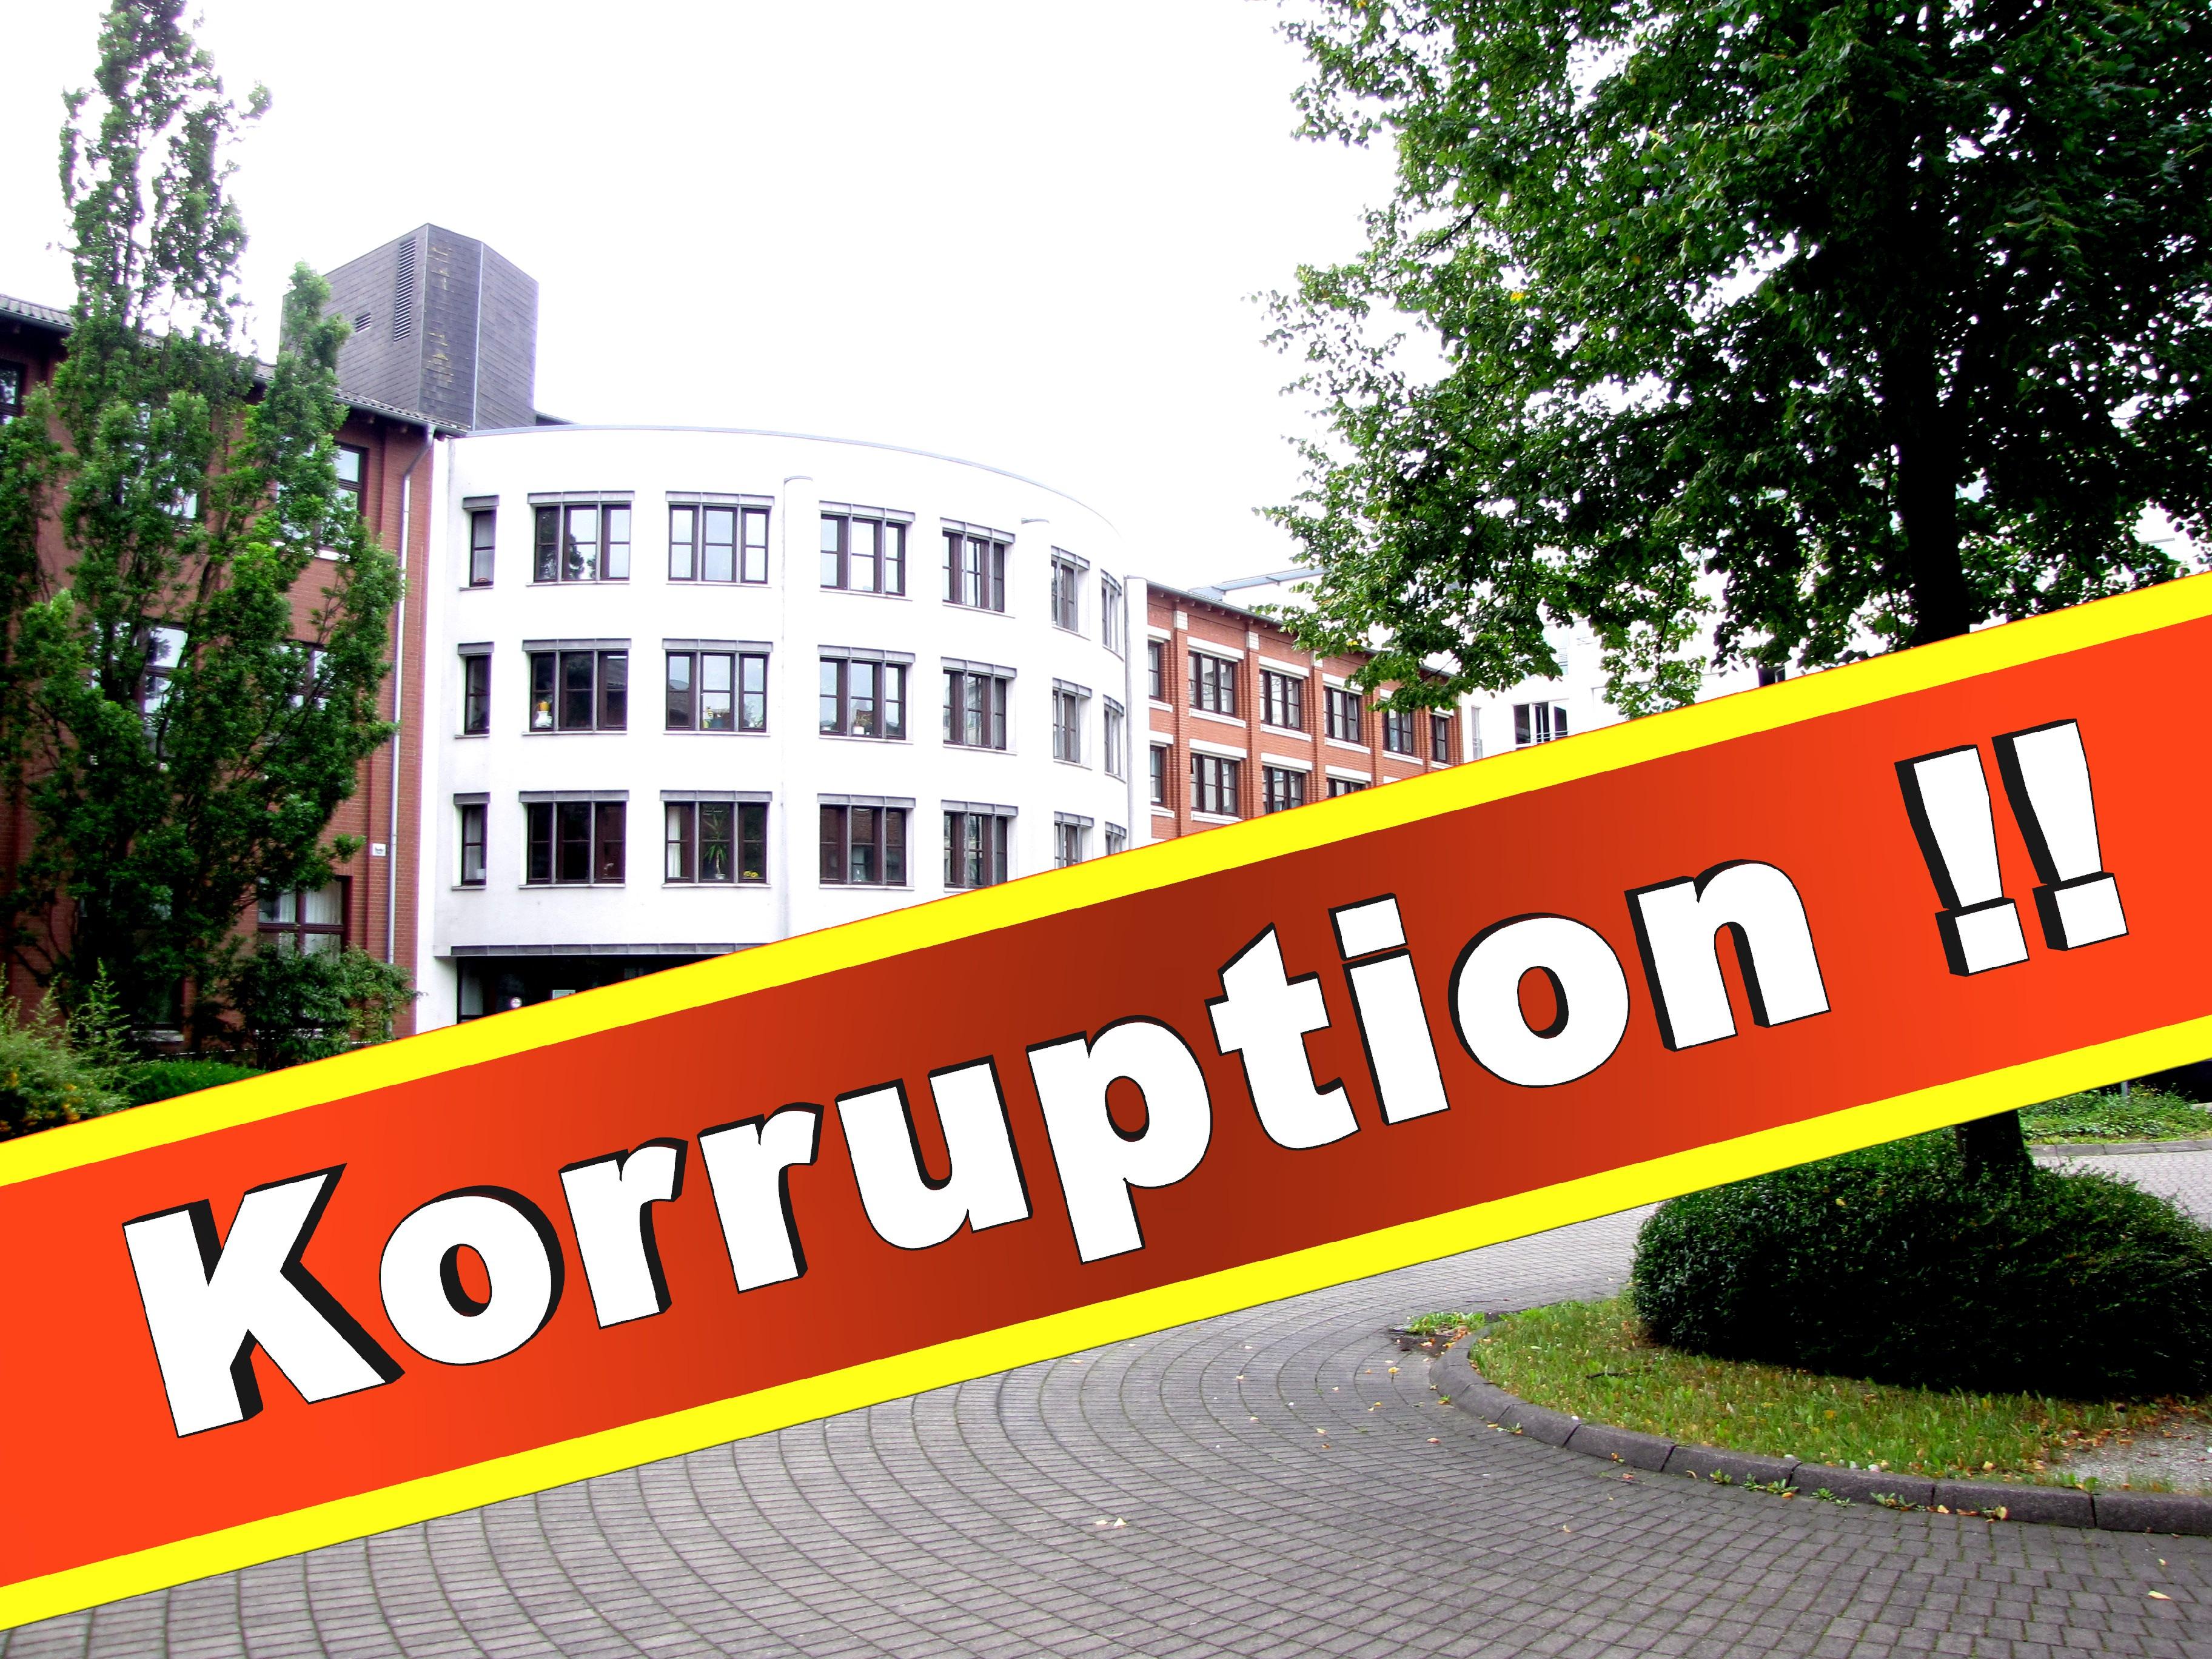 Gesundheitsamt Bielefeld Amtsarzt Adresse Gesundheitsbelehrung Telefon Schuleingangsuntersuchung Bielefeld Parken Gesundheitszeugnis (1)